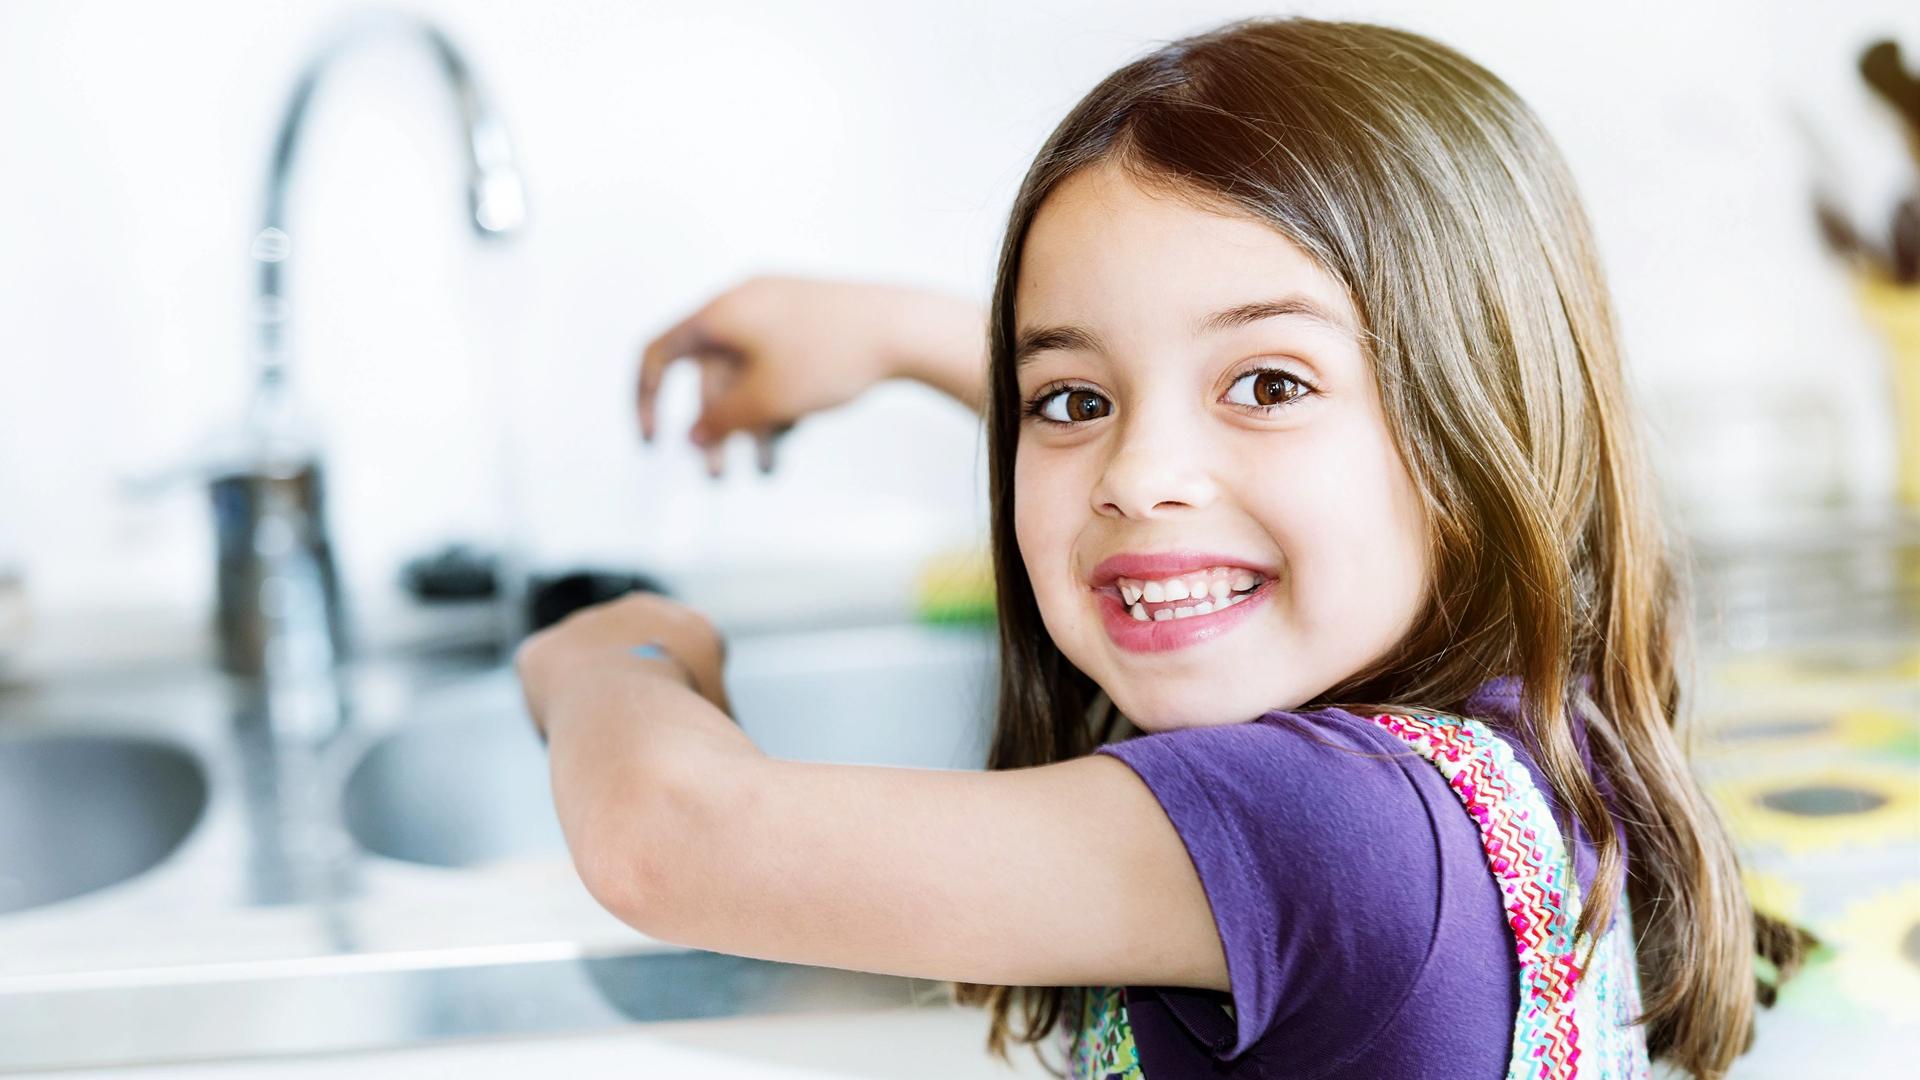 Estar expuesto a este tipo de con bacterias es parte de un sistema inmunológico saludable, pero se recomienda la correcta higiene diaria de manos para evitar patologías peligrosas (iStock)